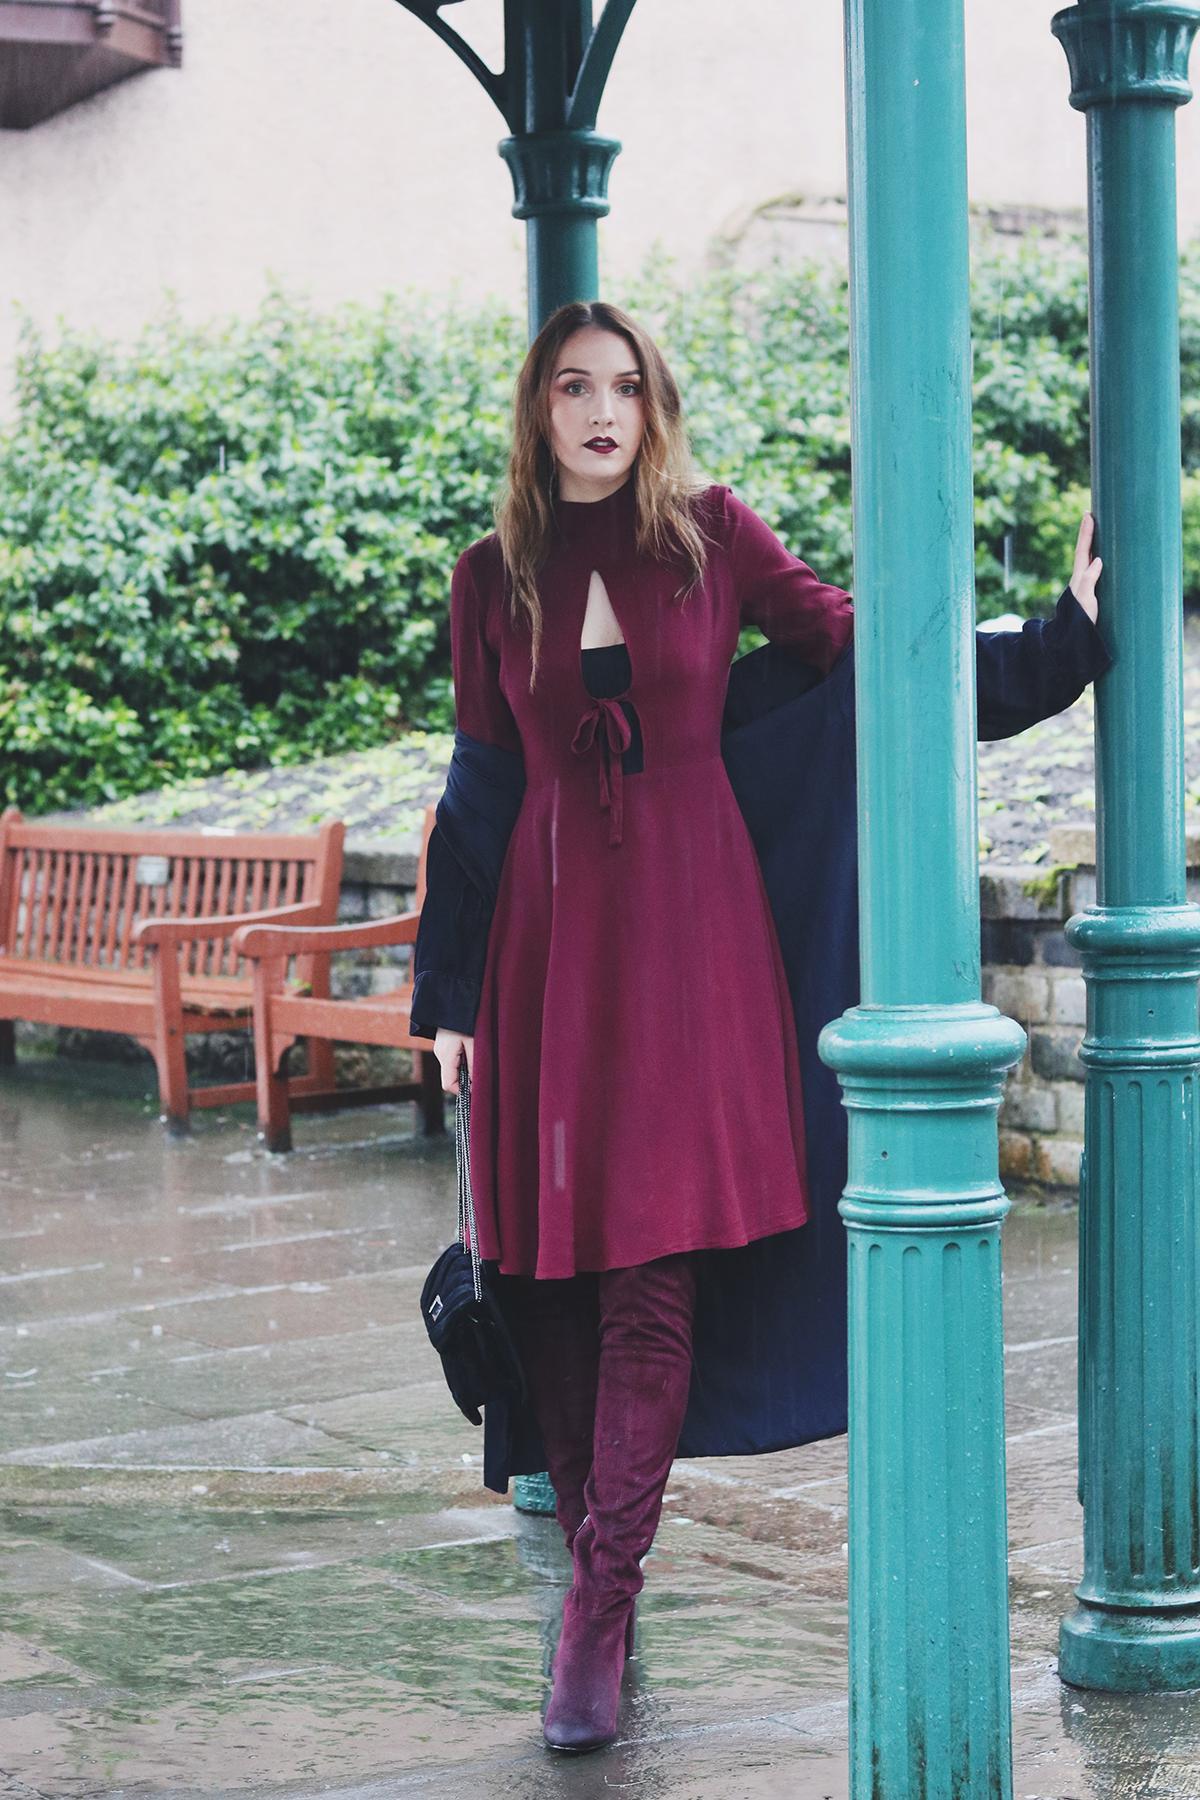 dress13